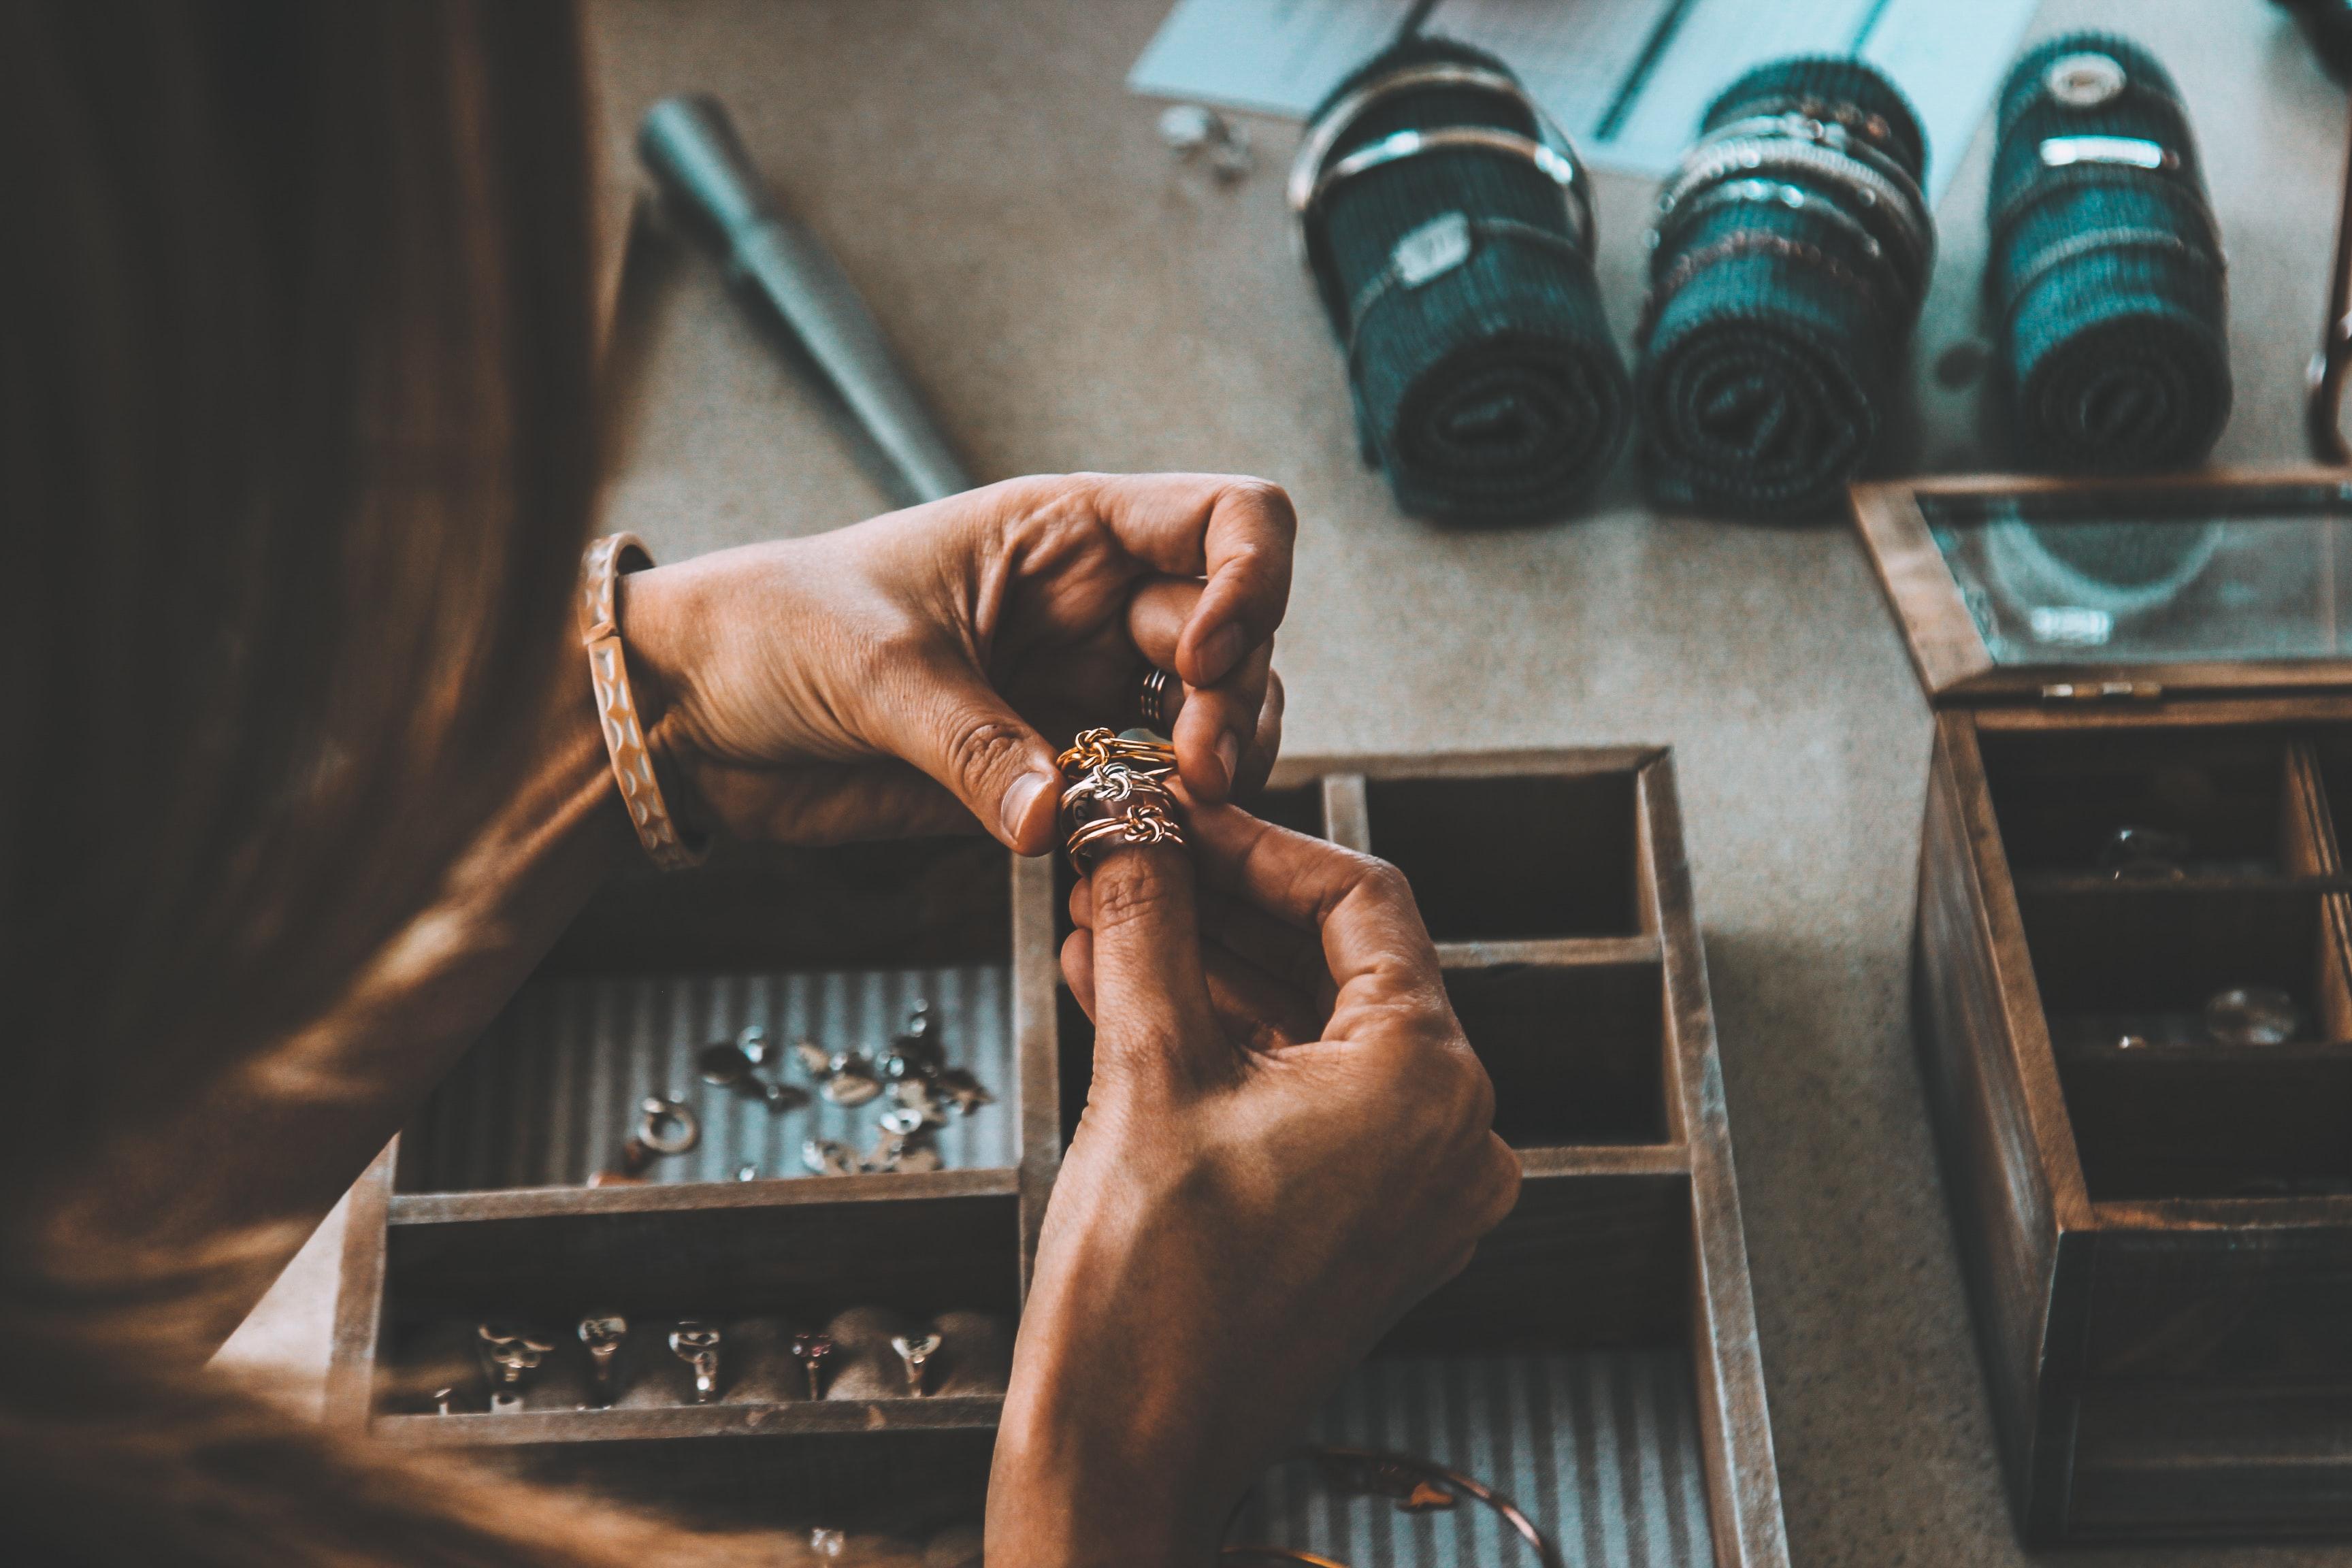 šperkařská dílna s prsteny